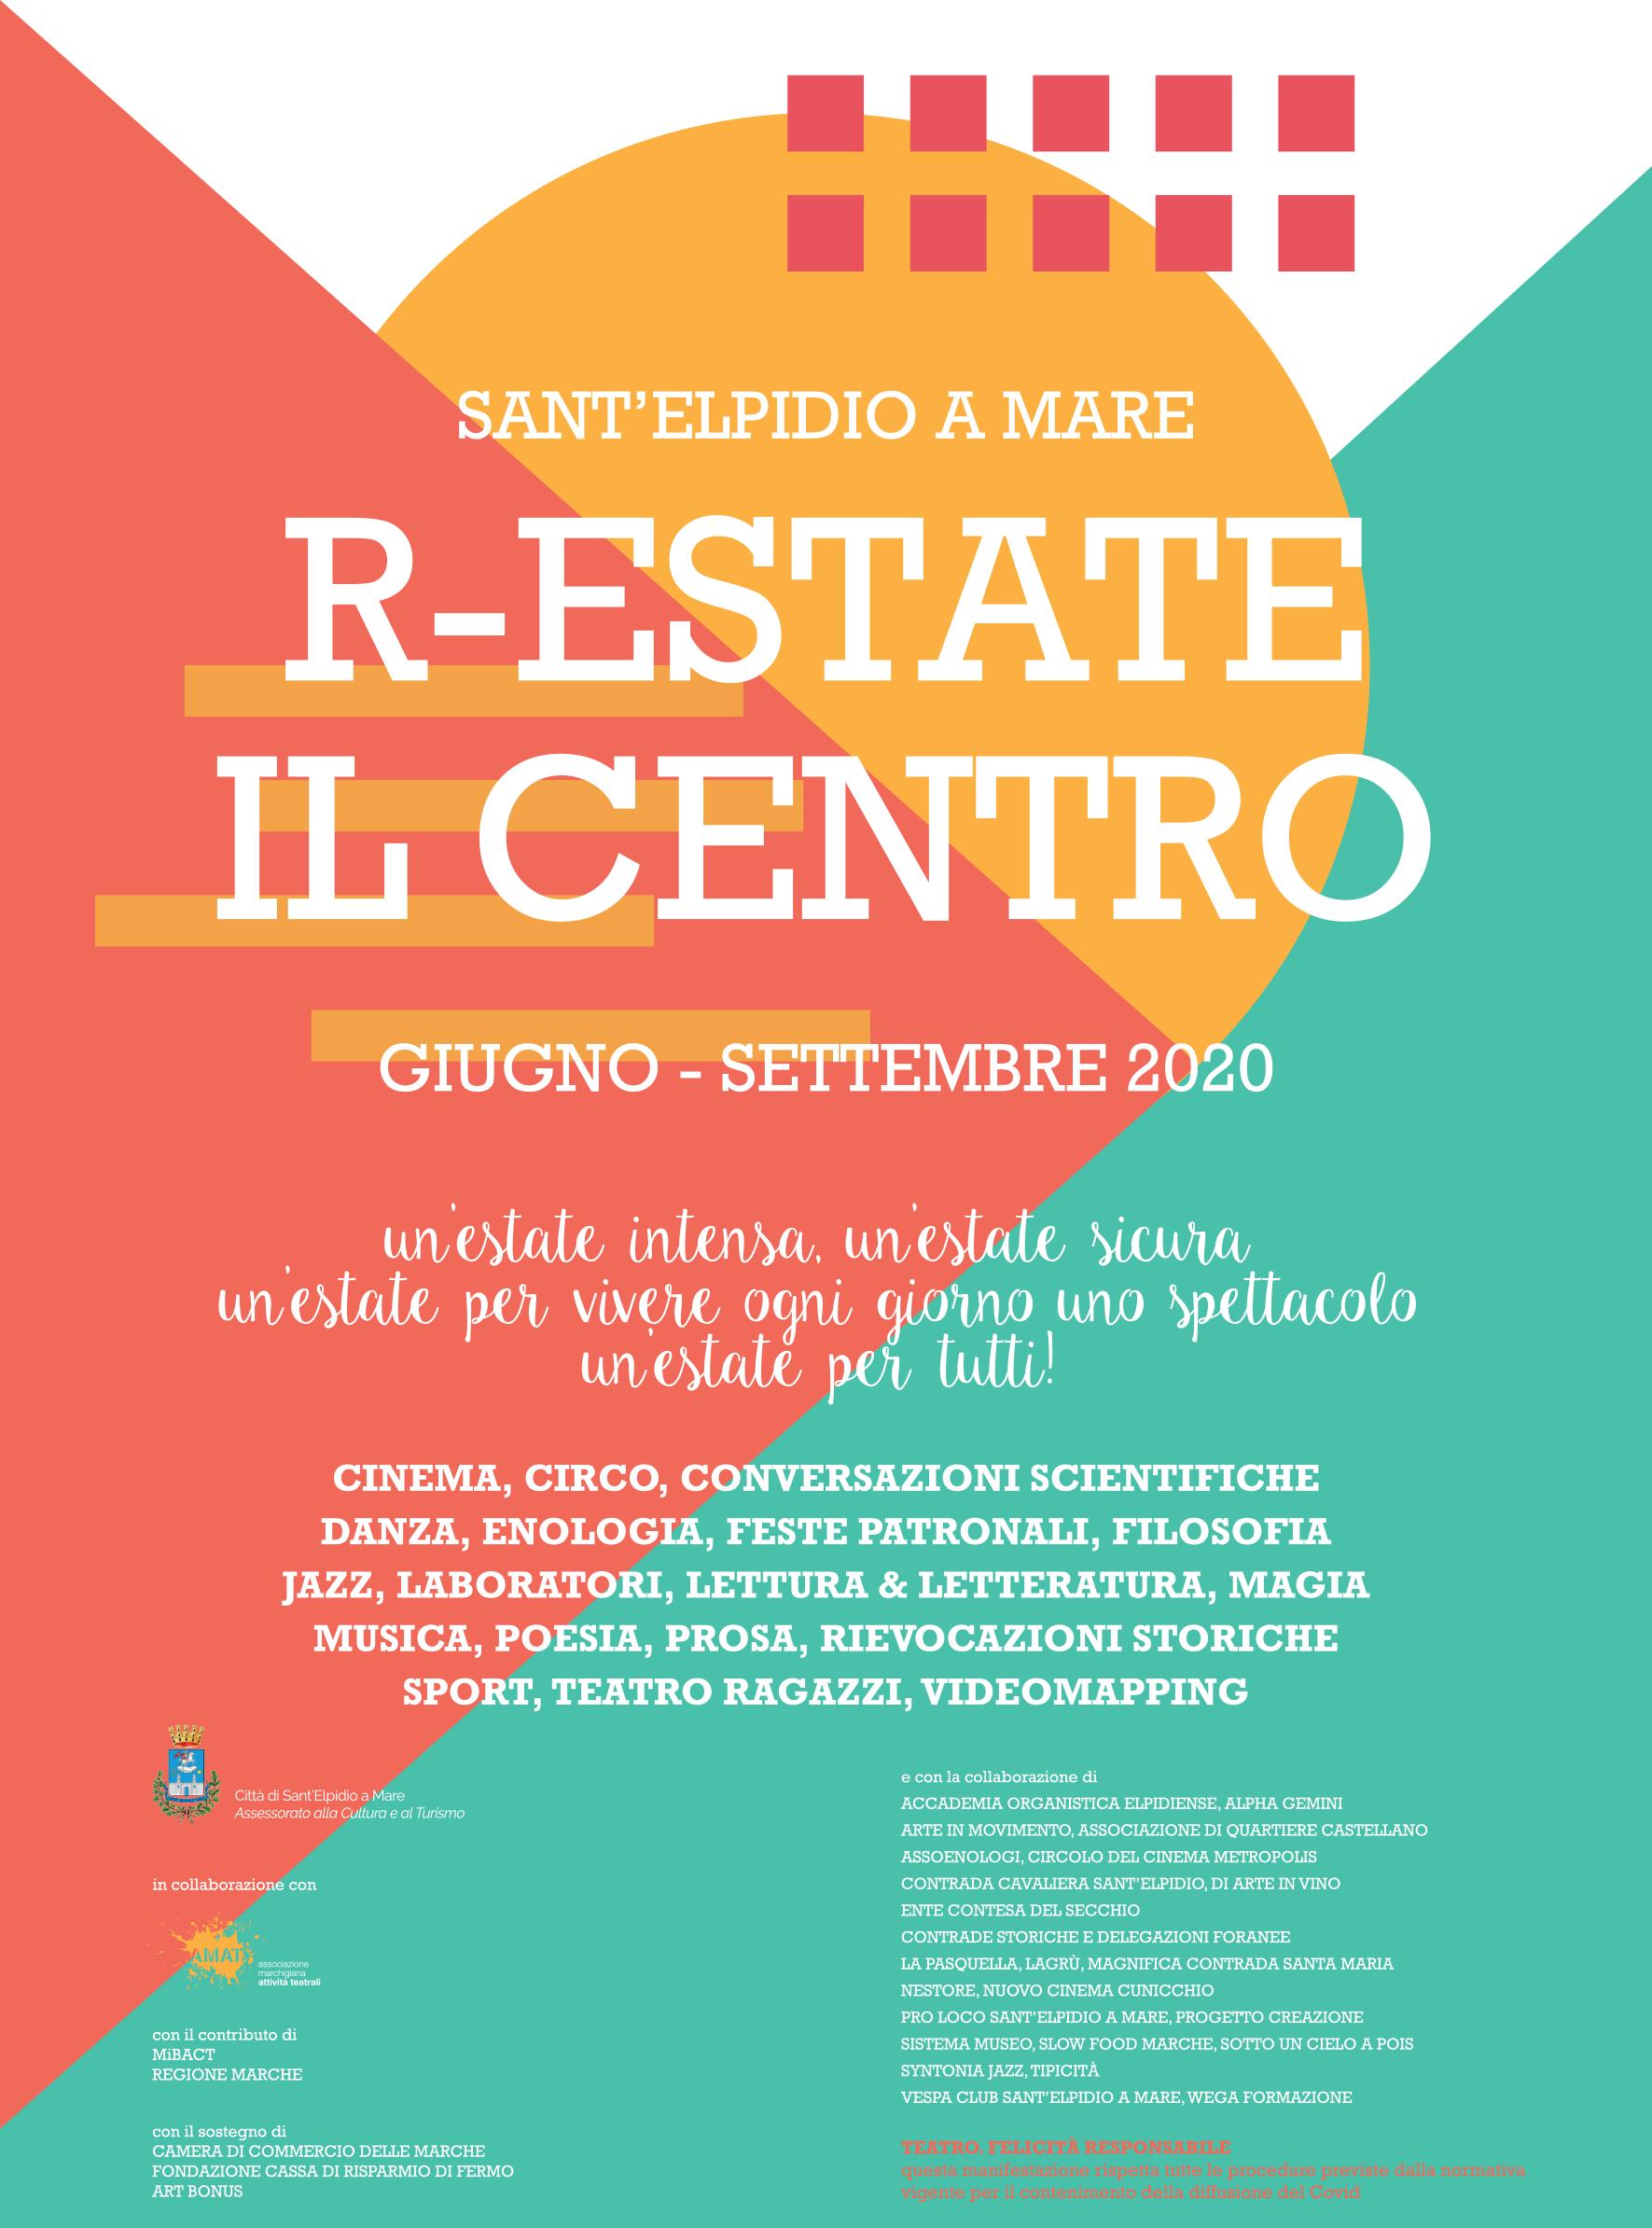 Sant'Elpidio a Mare | R-Estate il centro 2020